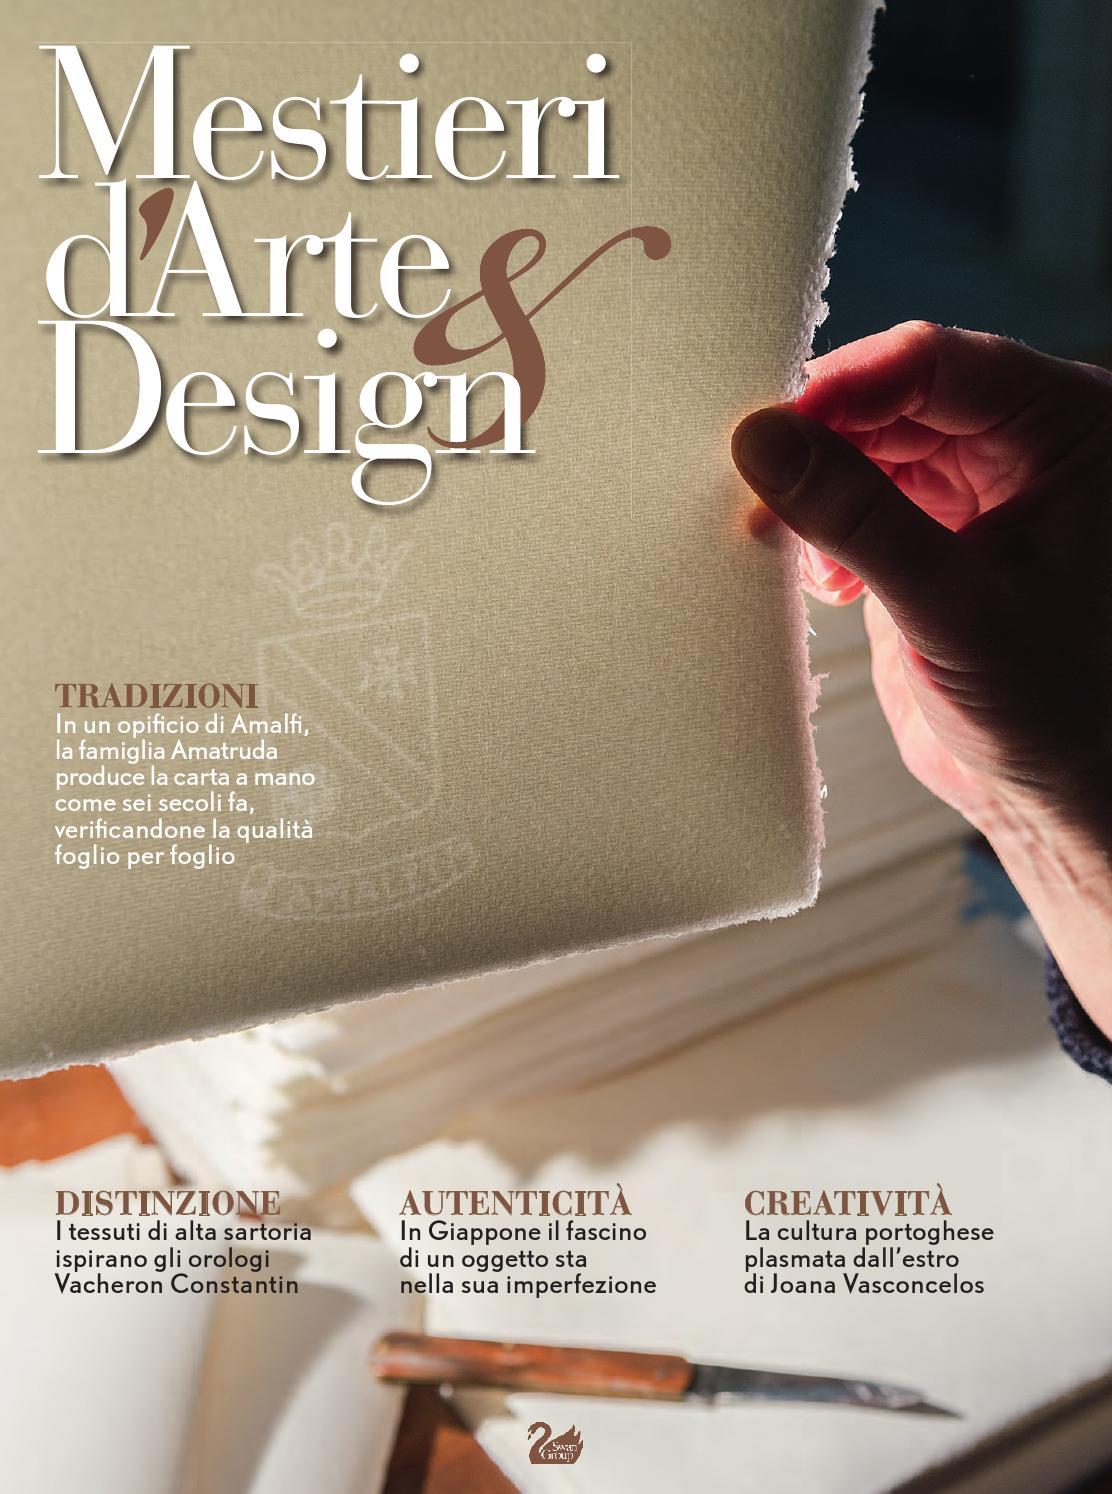 Mestieri d'arte e design 13 by fondazione cologni dei mestieri d ...